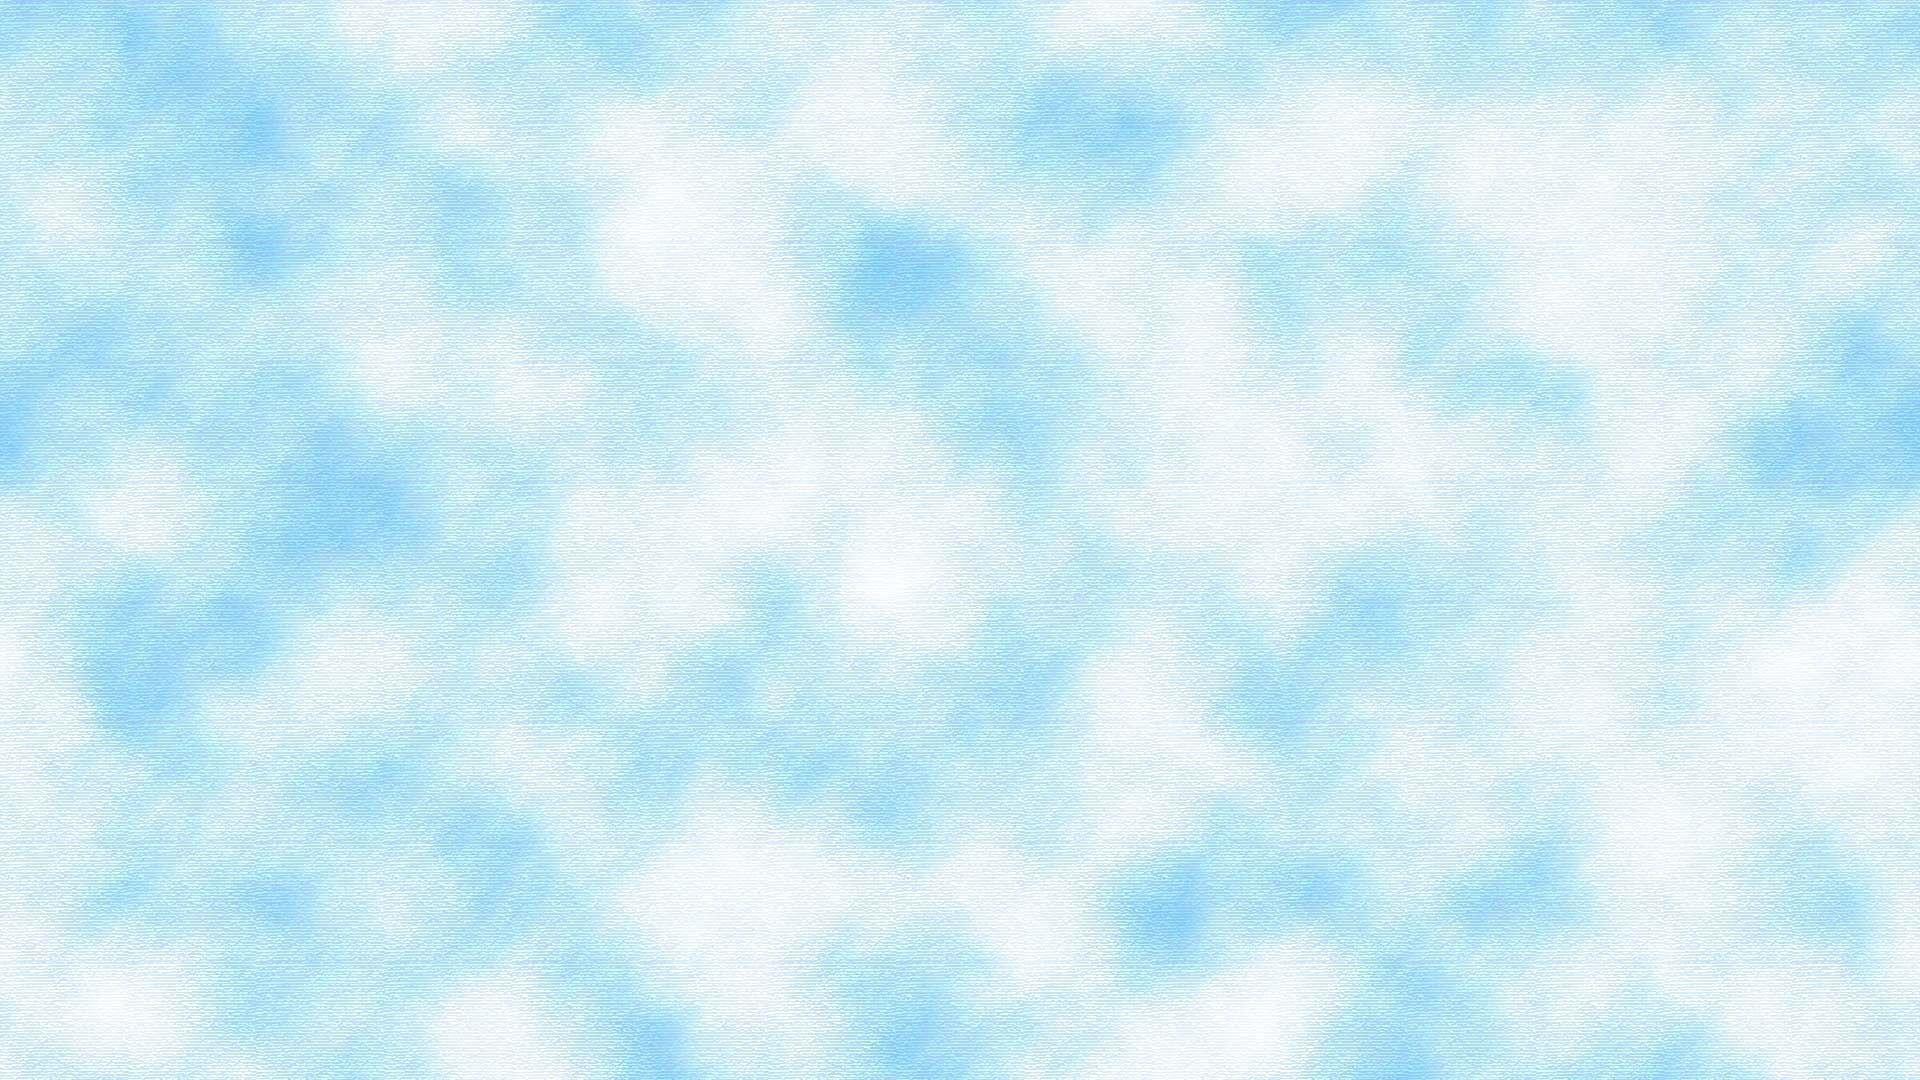 Cute Blue Pattern laptop wallpaper